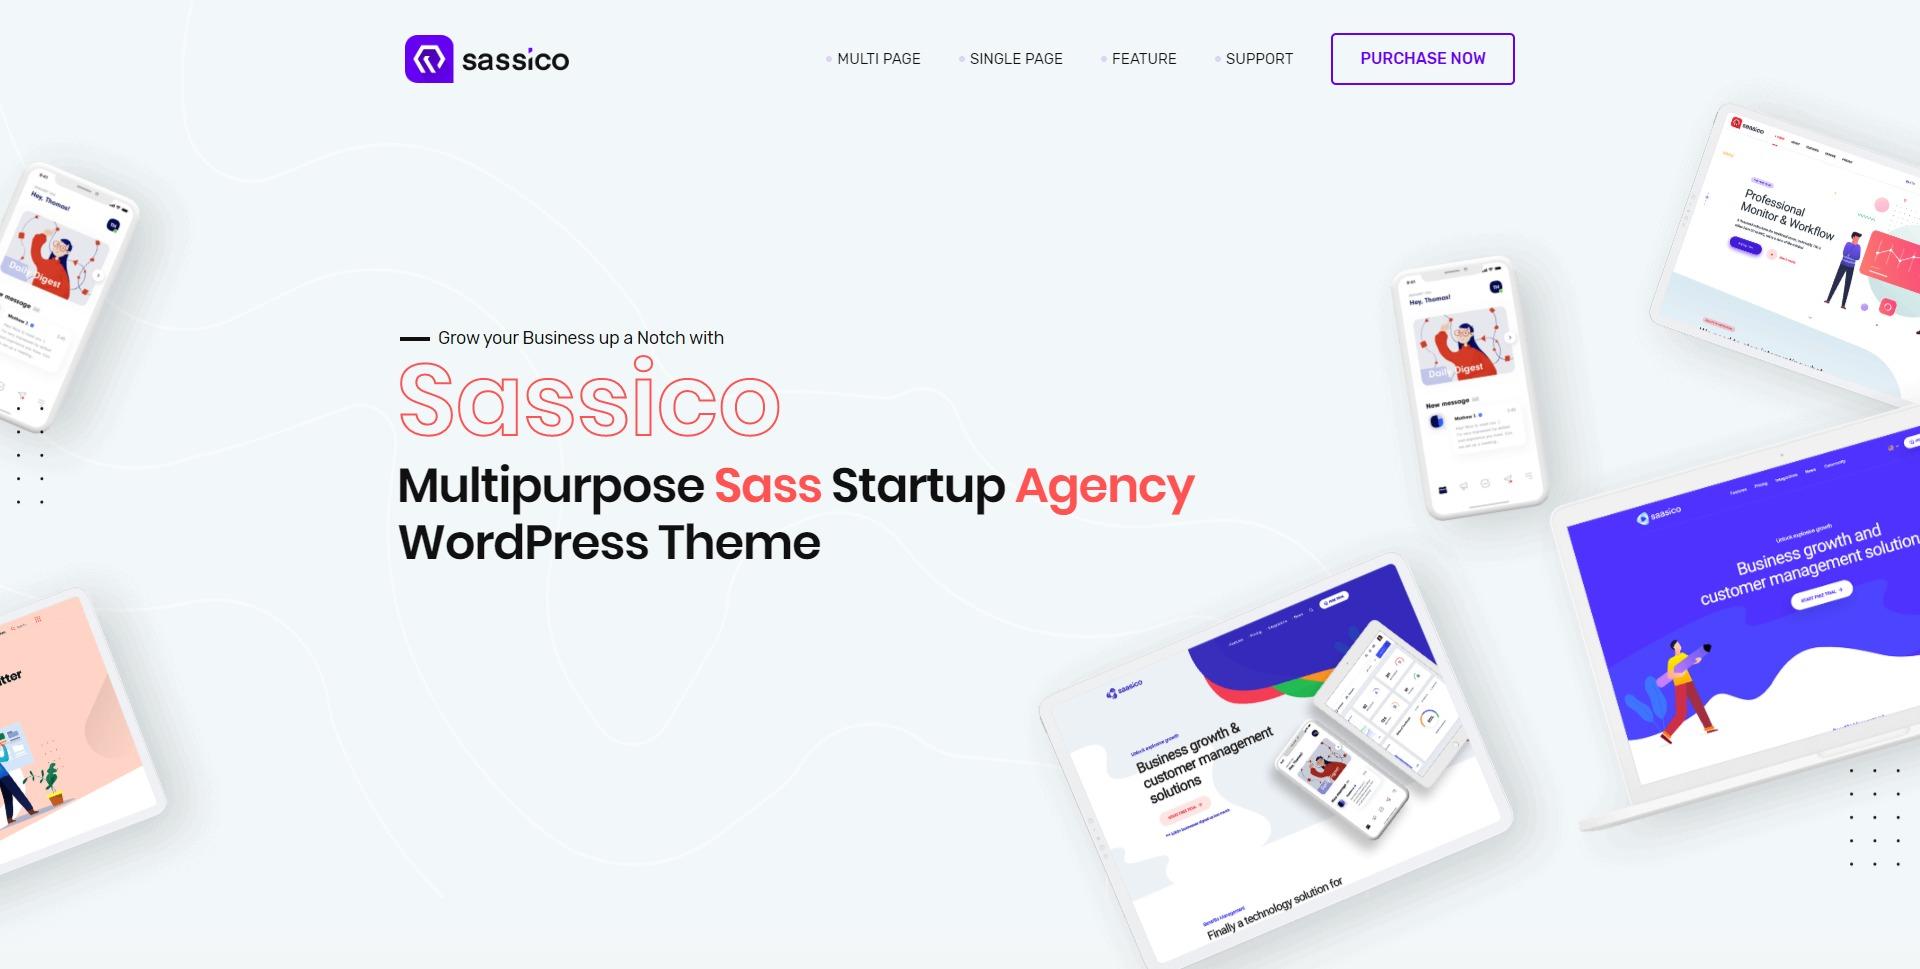 Sassico-移动APP多用途IT软件WordPress主题